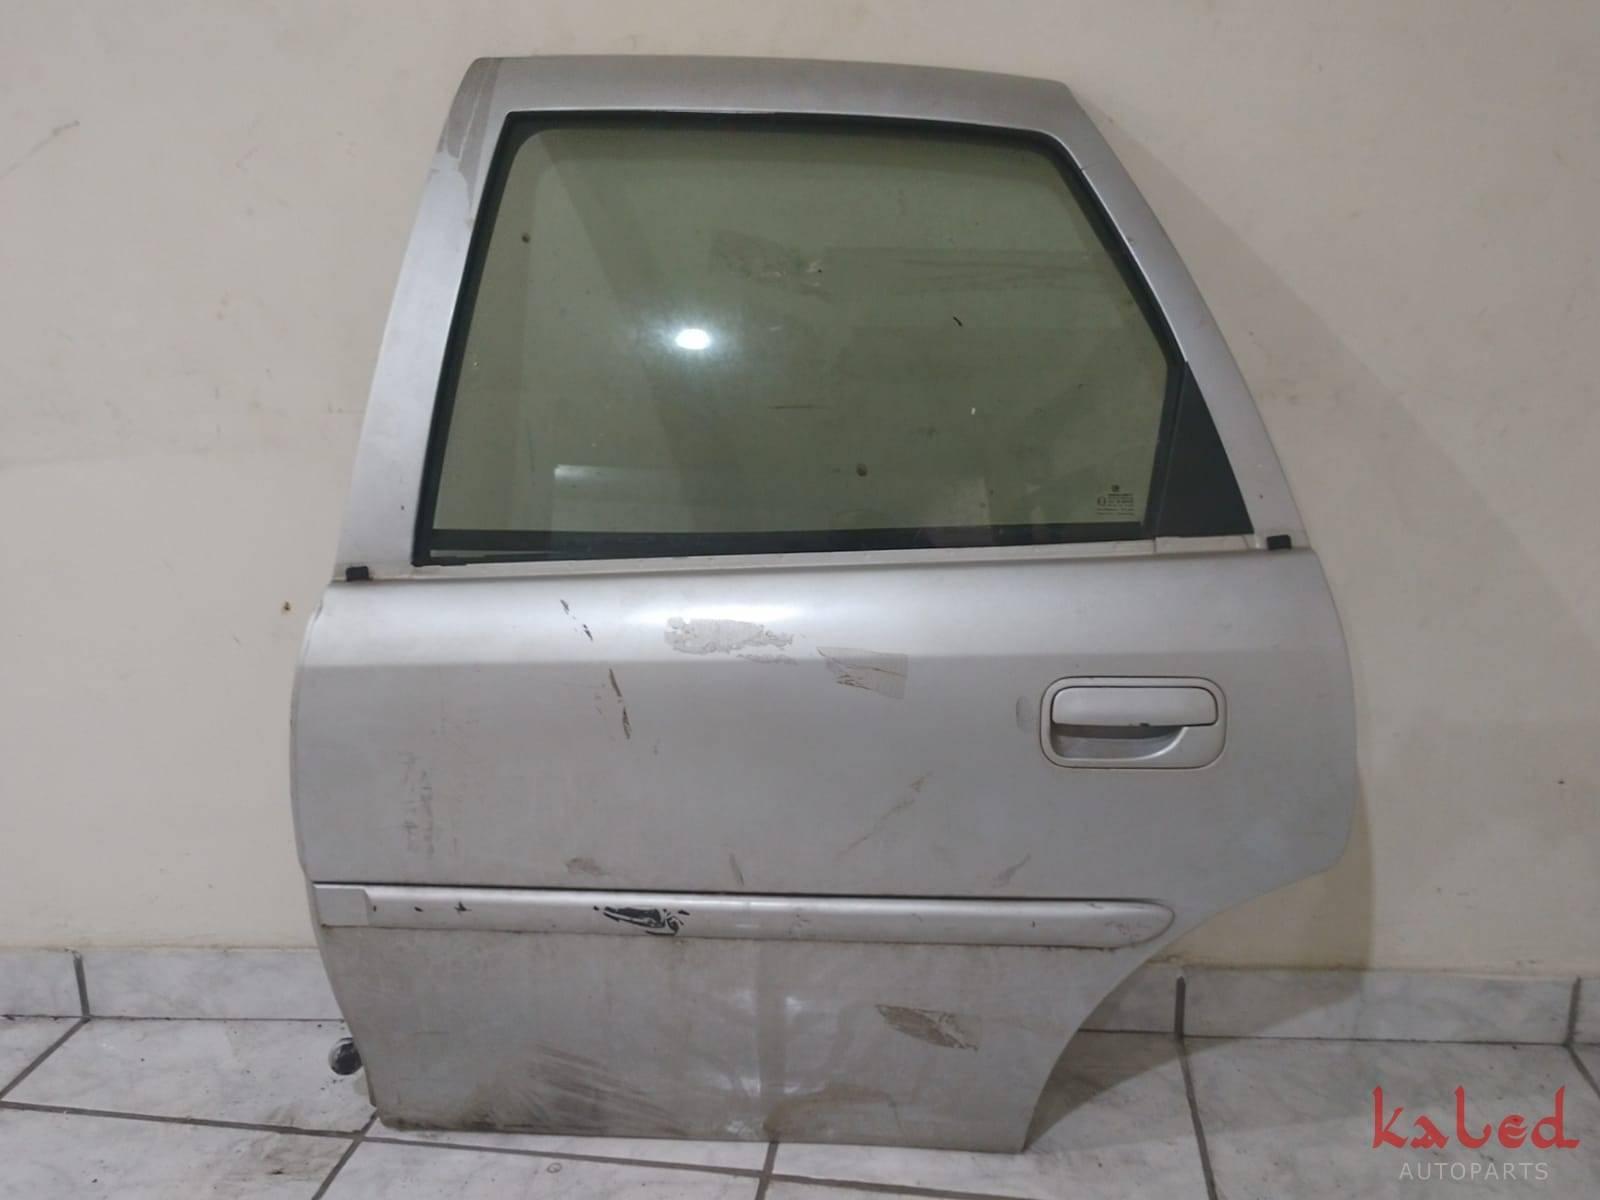 Porta traseira esquerda Chevrolet Vectra 96 a 05 - Kaled Auto Parts